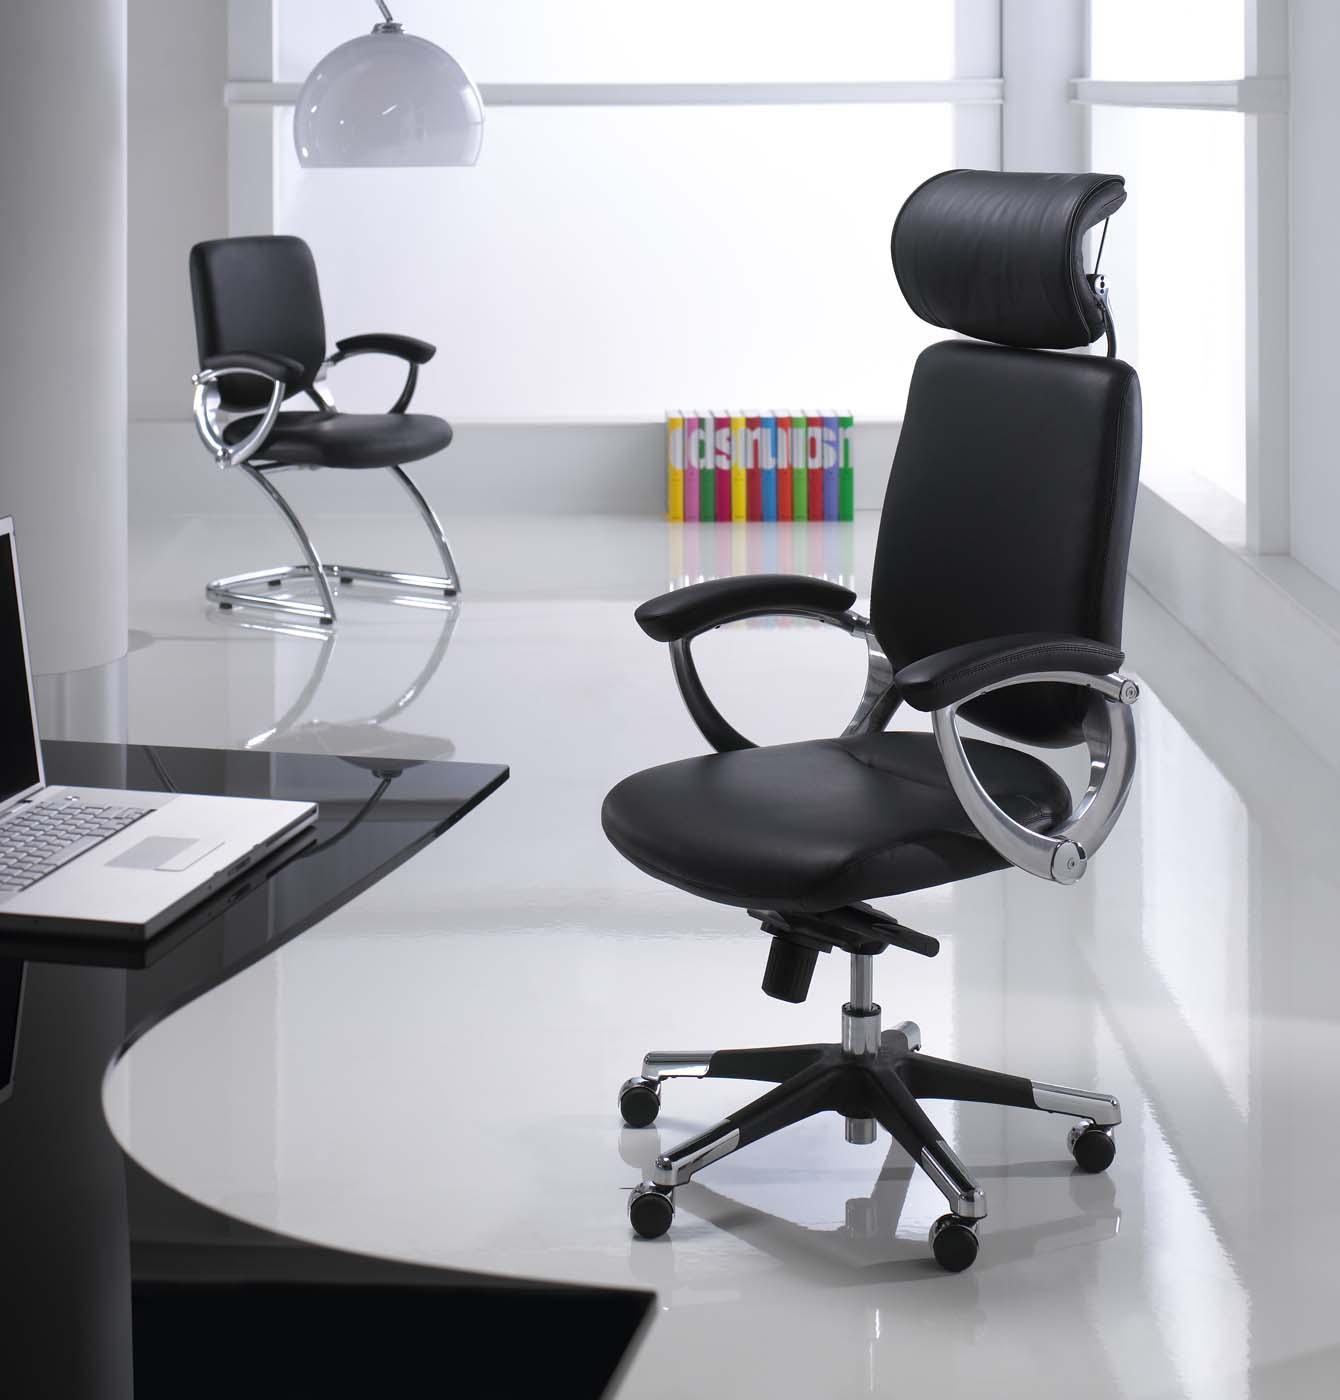 Forbedret arbejdsmiljø takket være moderne kontorstol